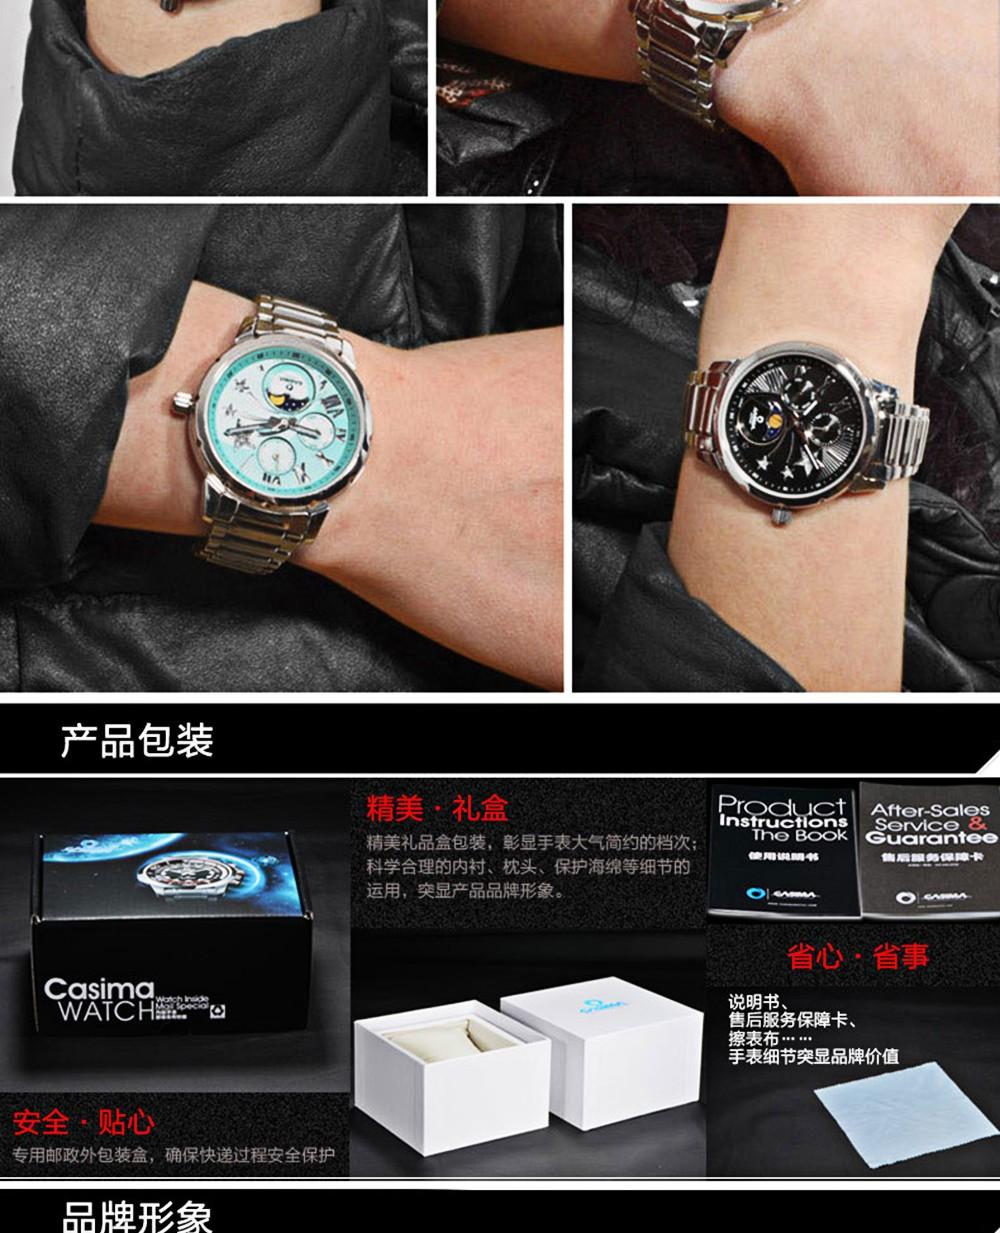 Casima женские часы многофункциональный личности часы. 50 м водонепроницаемый календарь кварцевые часы # 2802